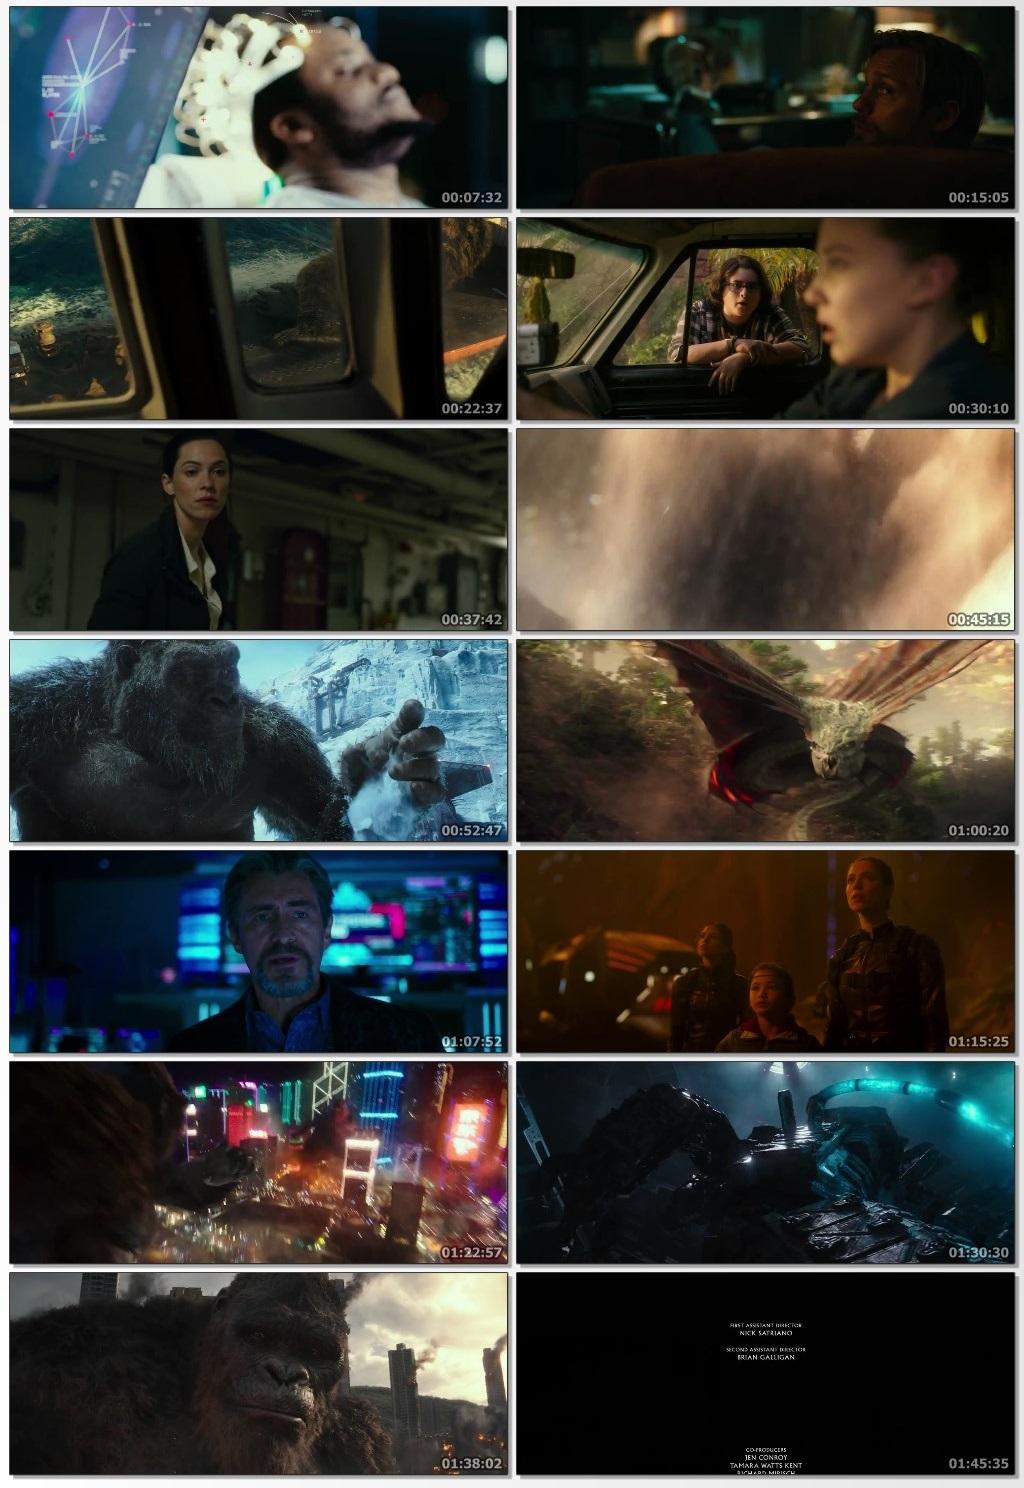 Godzilla-vs-Kong-2021-www-9kmovies-cool-English-720p-HDRip-ESubs-800-MB-mkv-thumbs